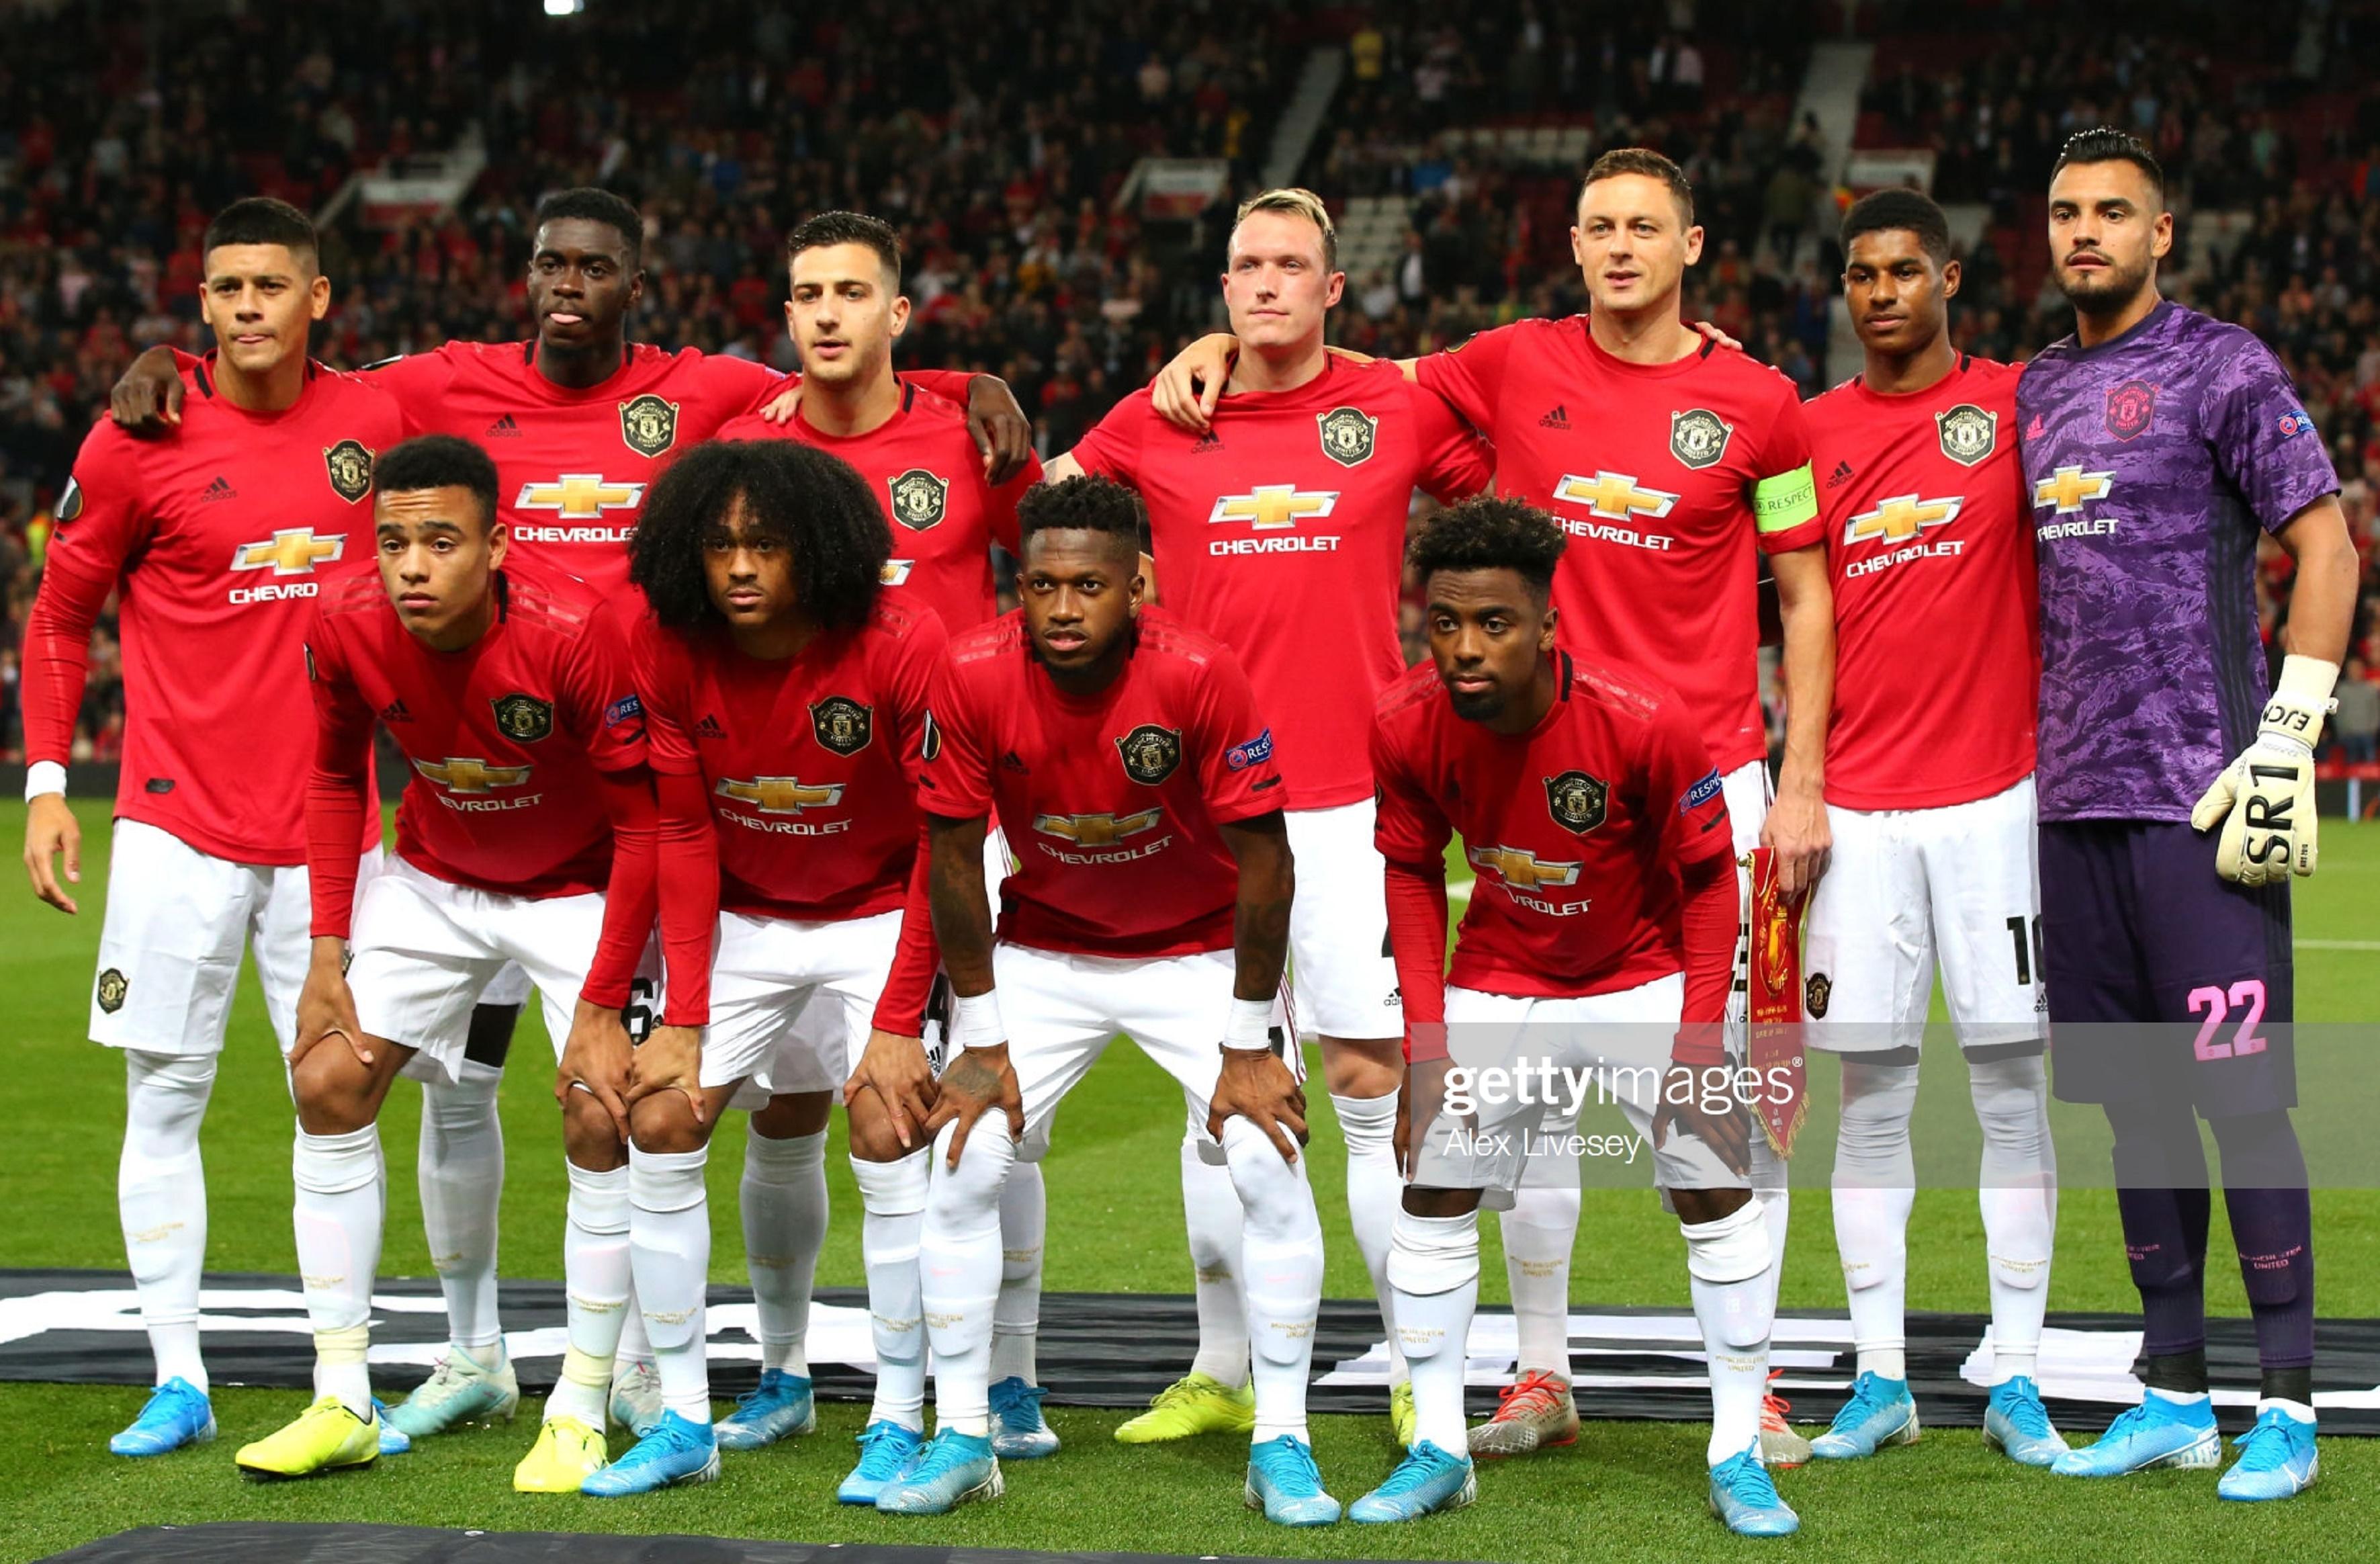 Манчестер Юнайтед (Англия) - Астана (Казахстан) 1:0. Нажмите, чтобы посмотреть истинный размер рисунка